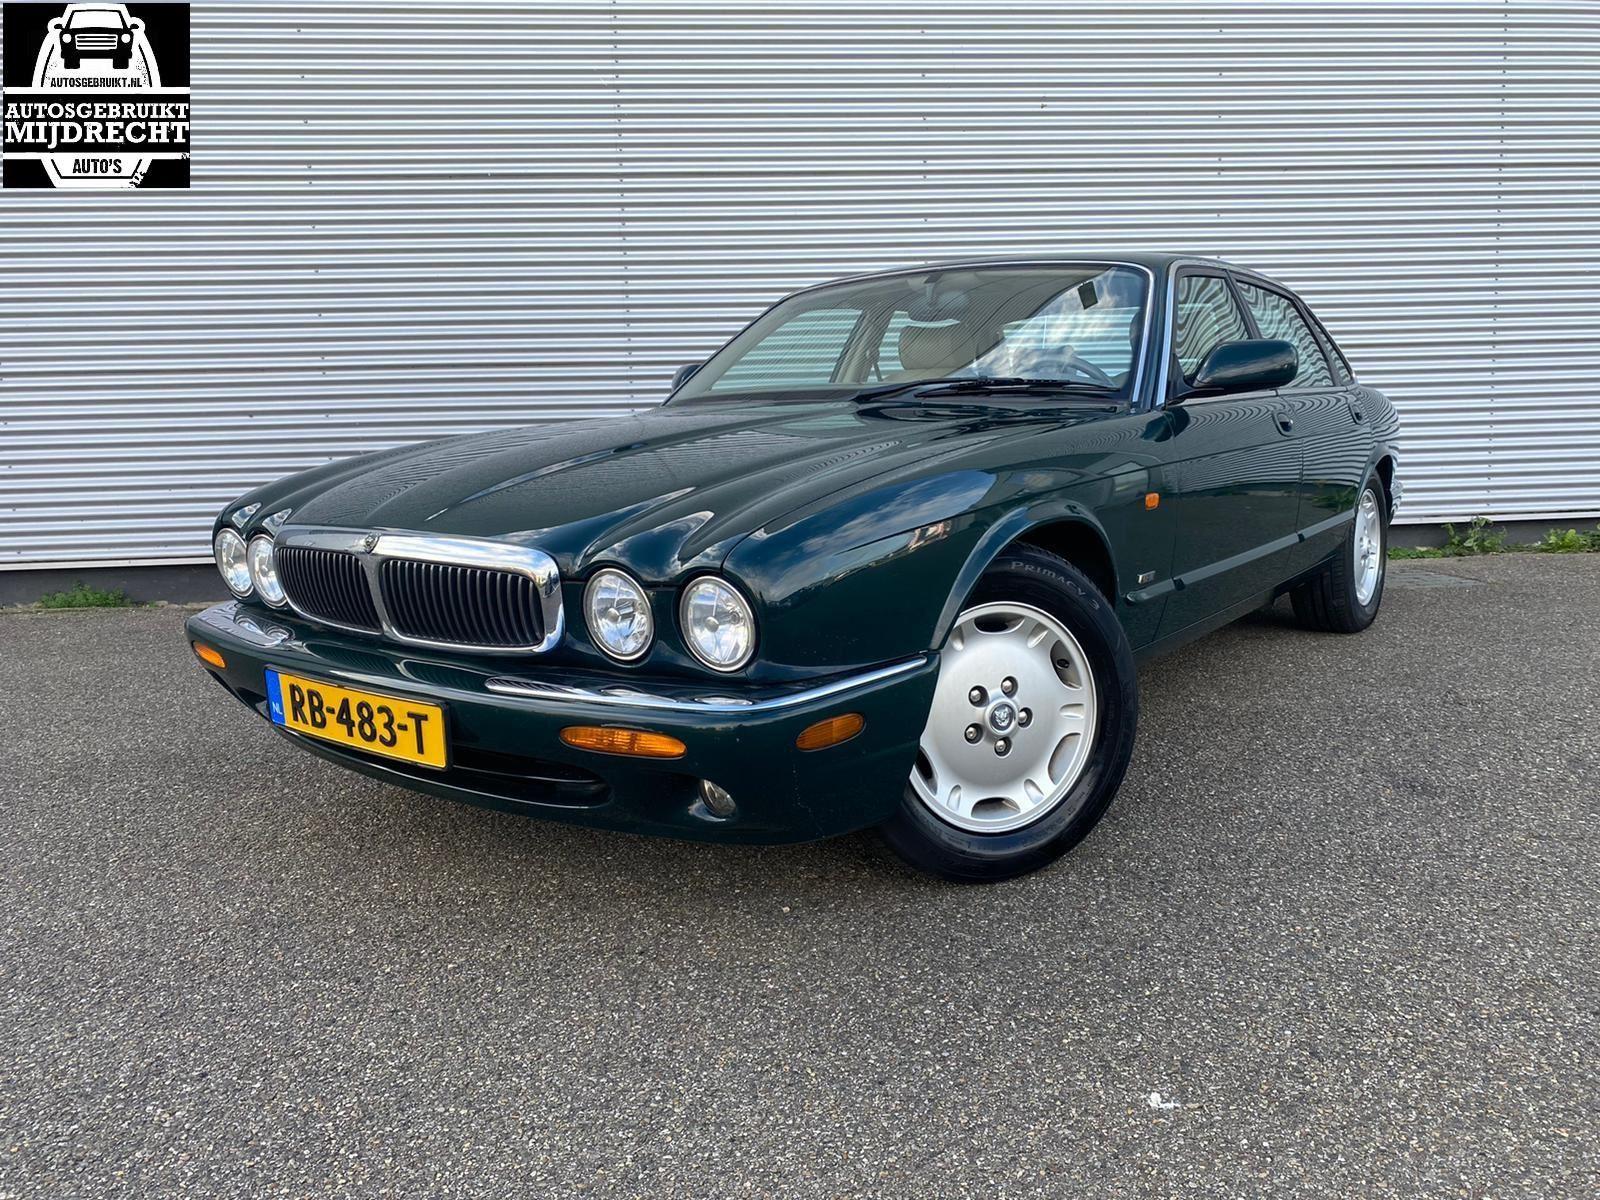 Jaguar XJR occasion - Autosgebruikt Mijdrecht